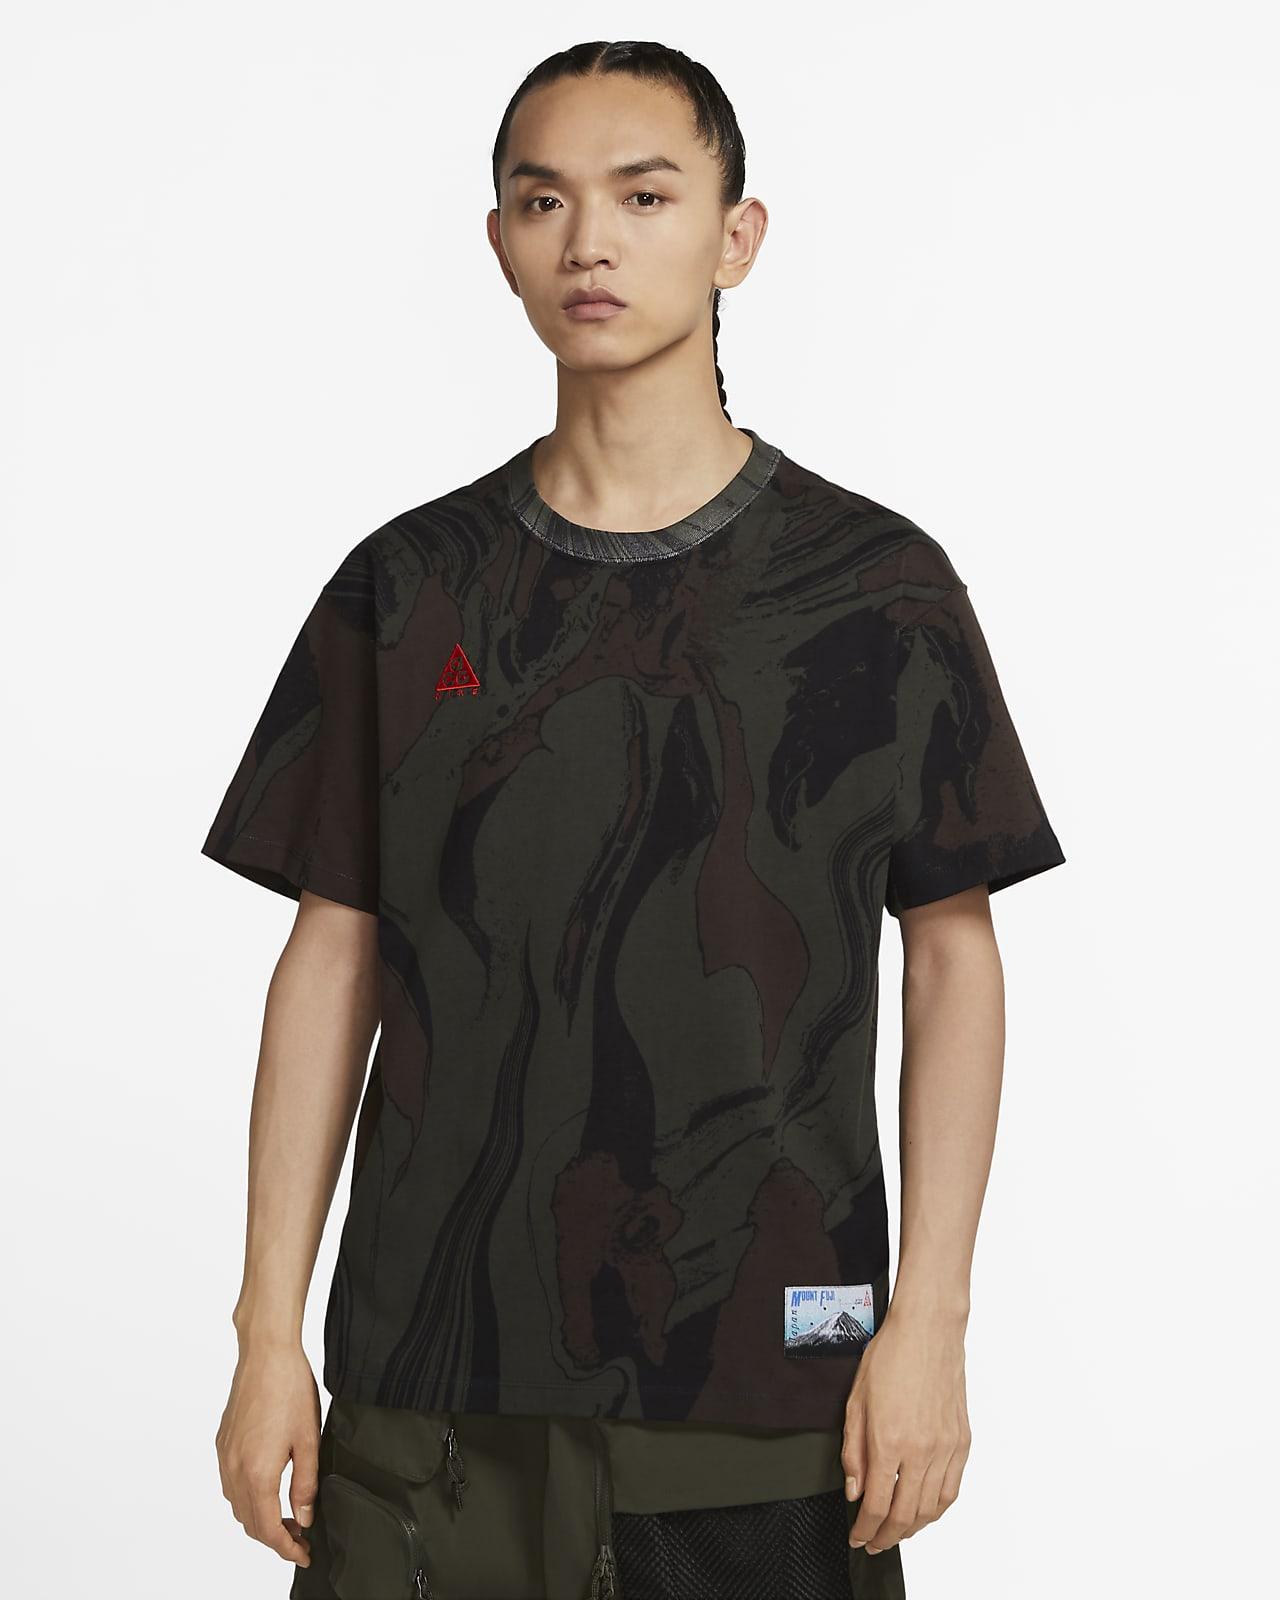 Pánské tričko Nike ACG Mt. Fuji skrátkým rukávem